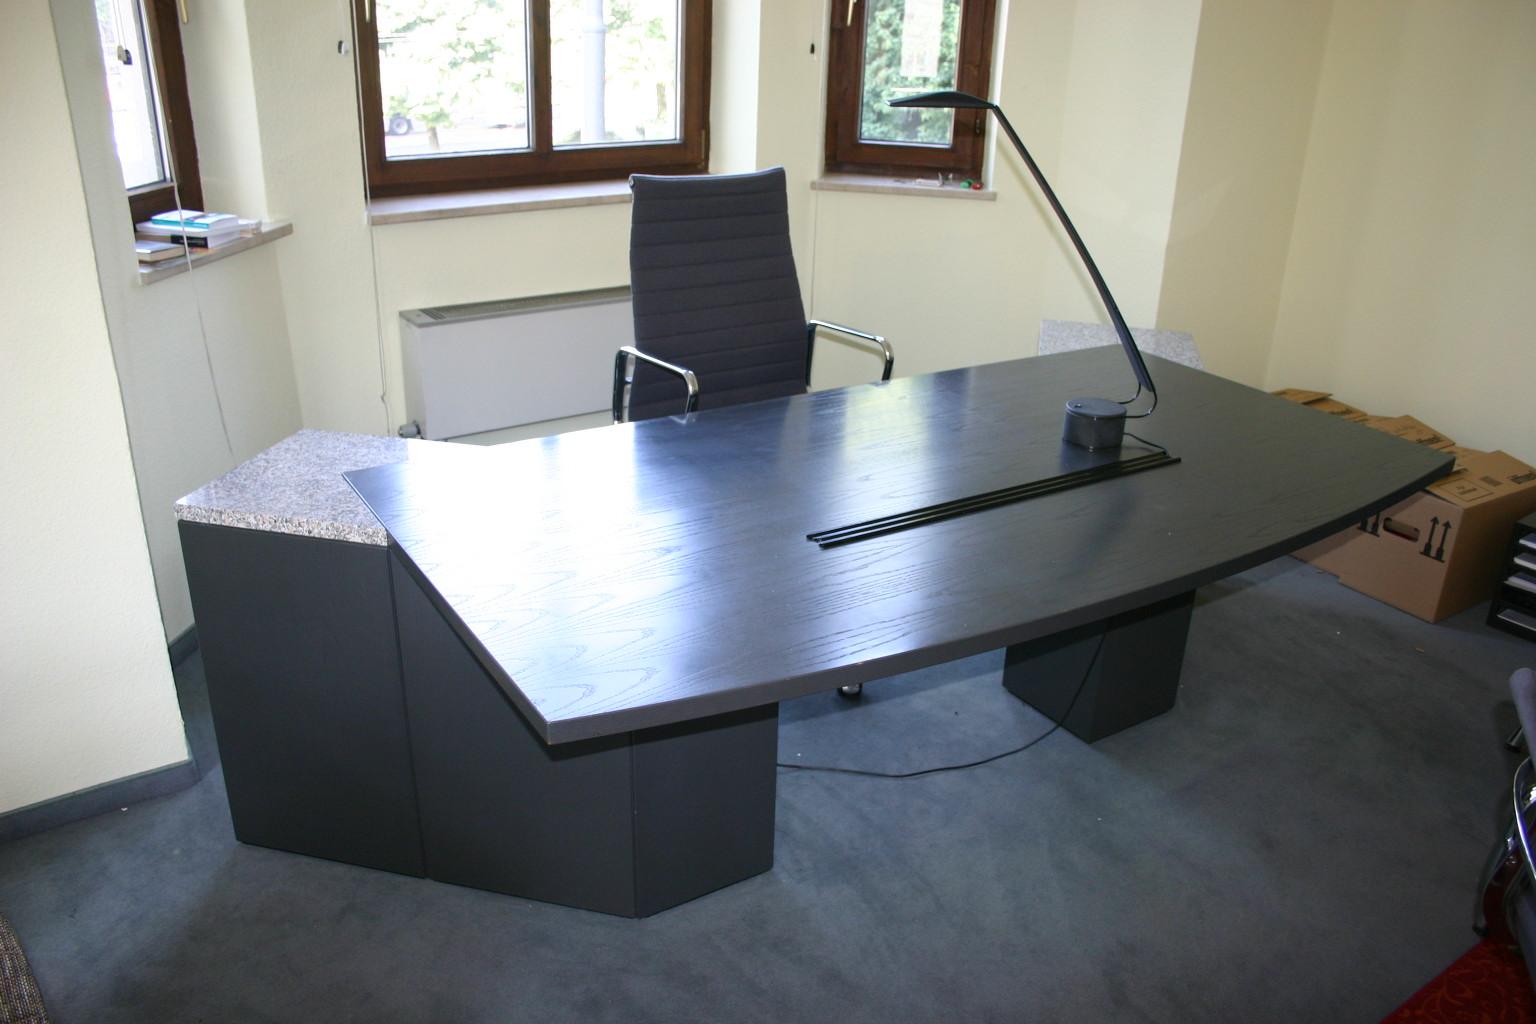 Chefb ro in echtholz anthrazit granit von renz for Schreibtisch 2 meter lang